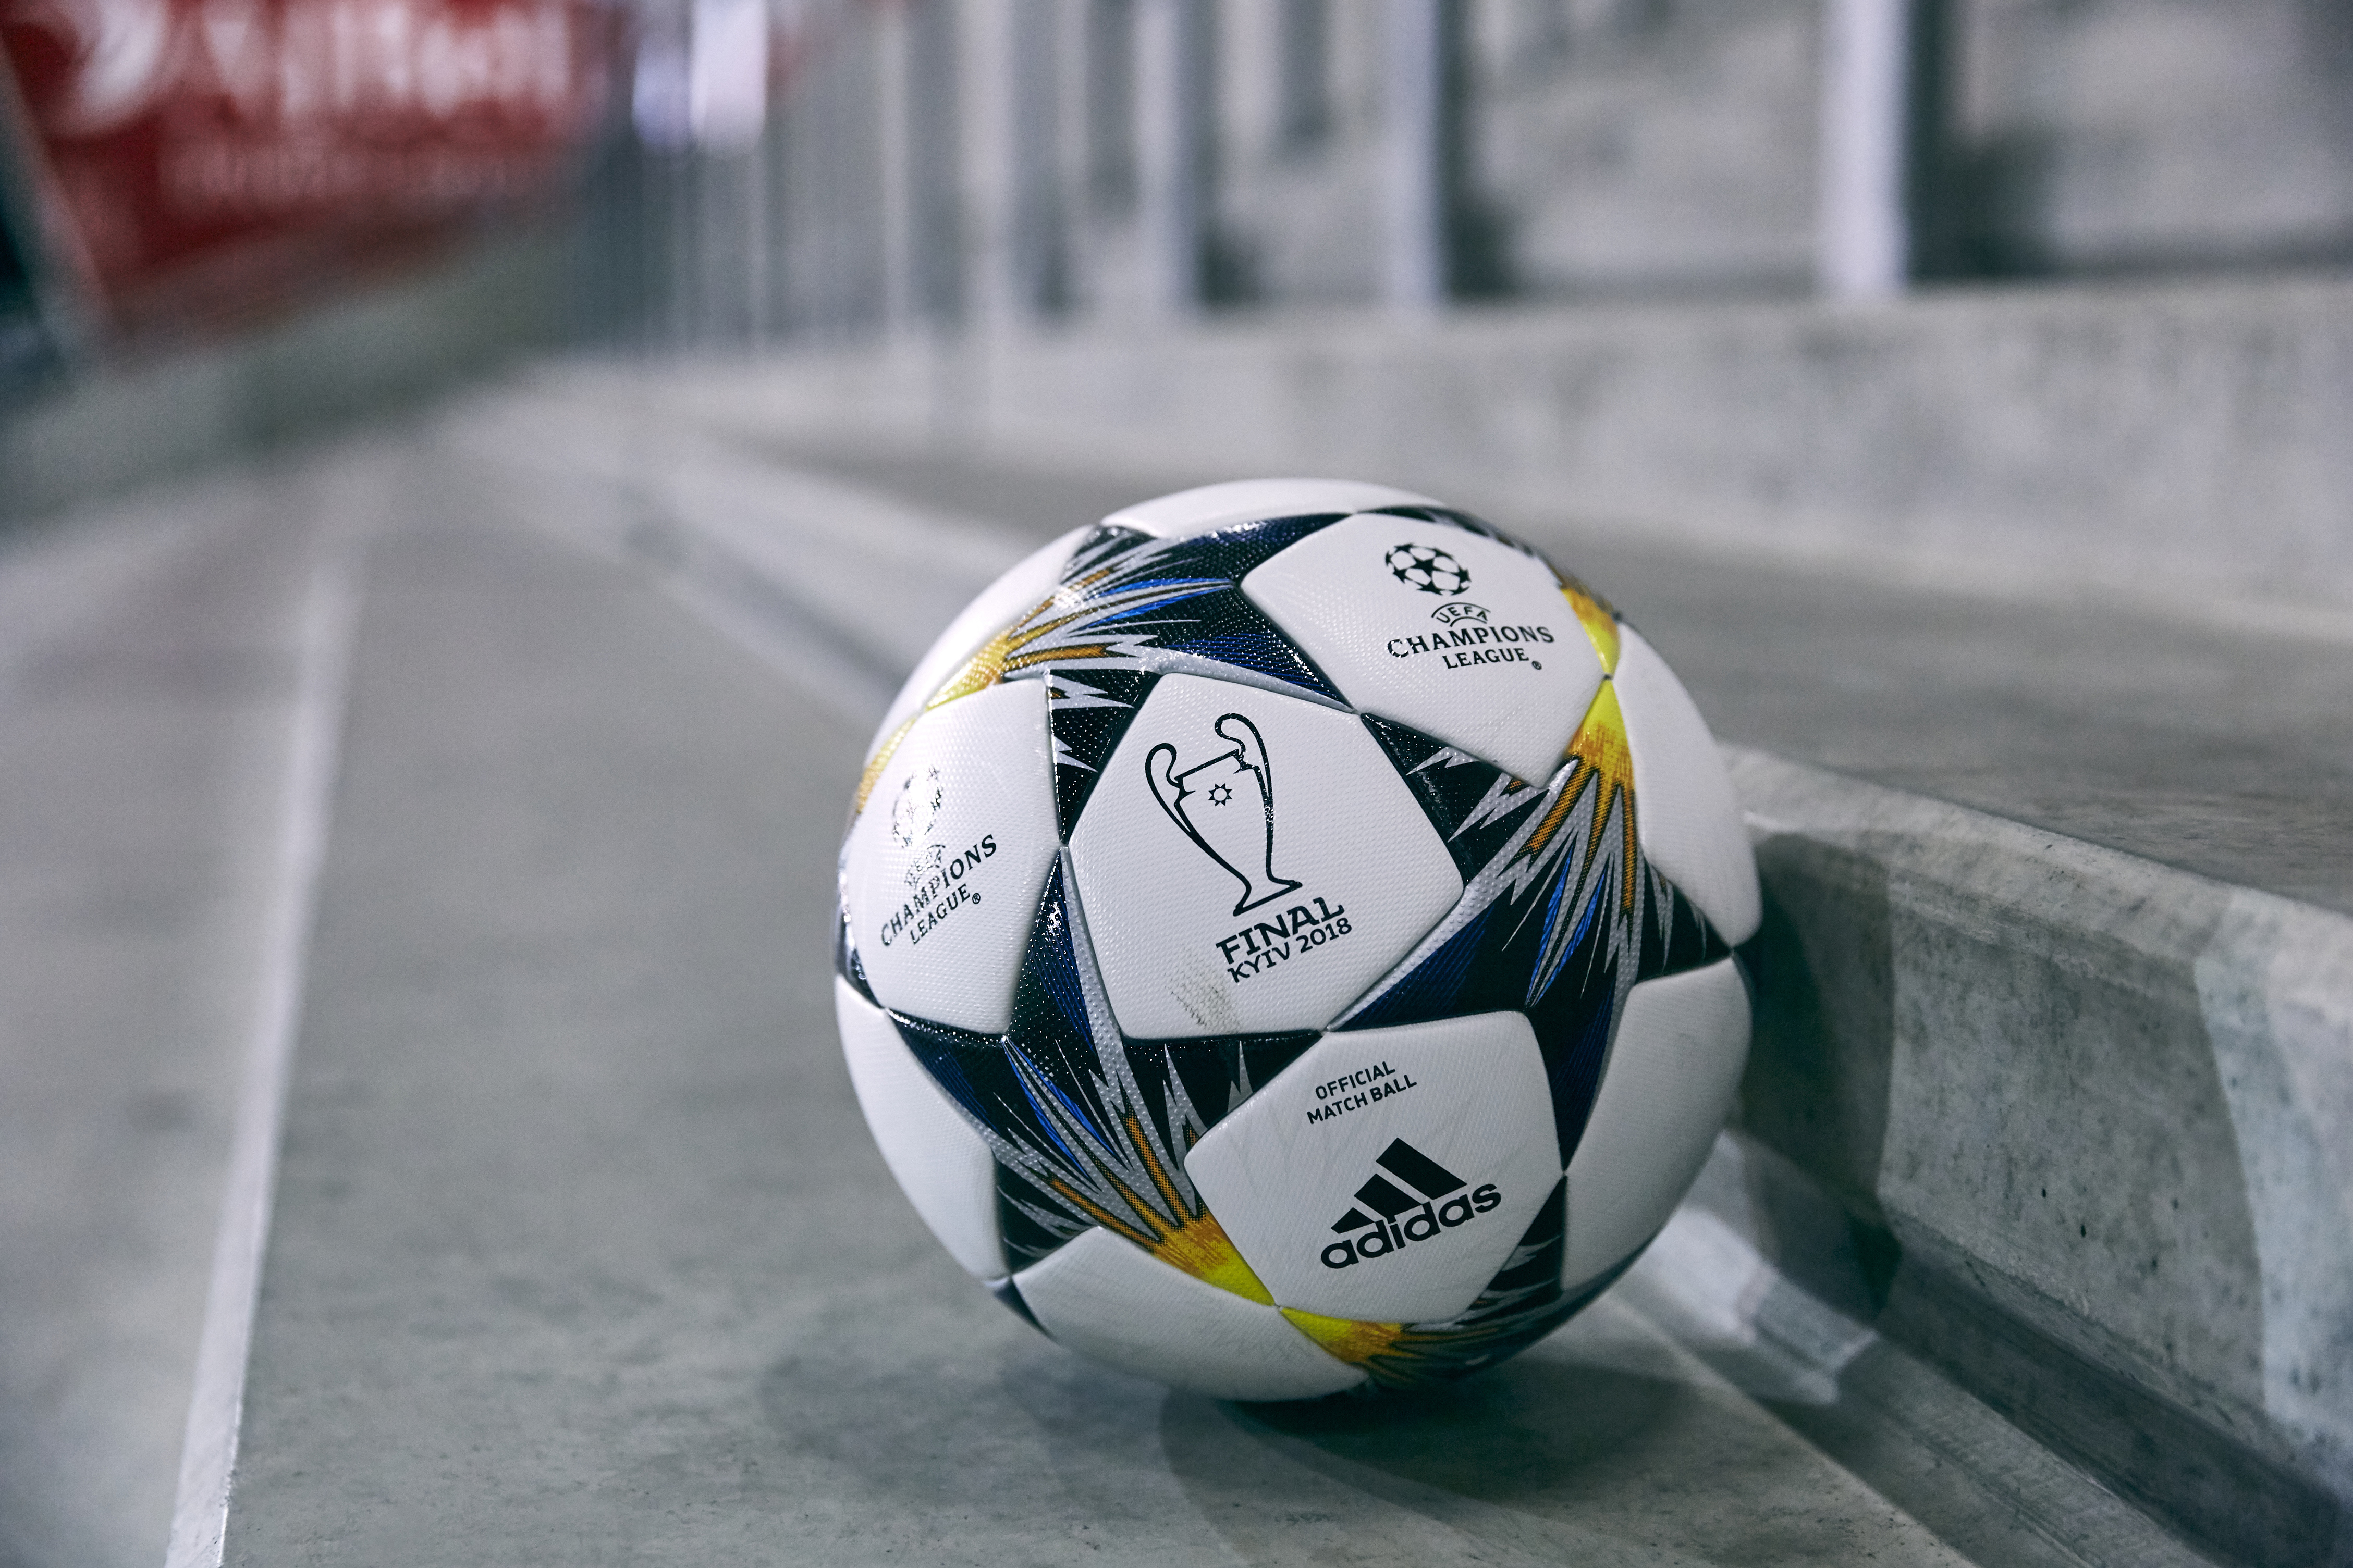 adidas dévoile le ballon officiel utilisé jusqu à la finale de l UEFA  Champions League - SportBuzzBusiness.fr d871bf78db4f9